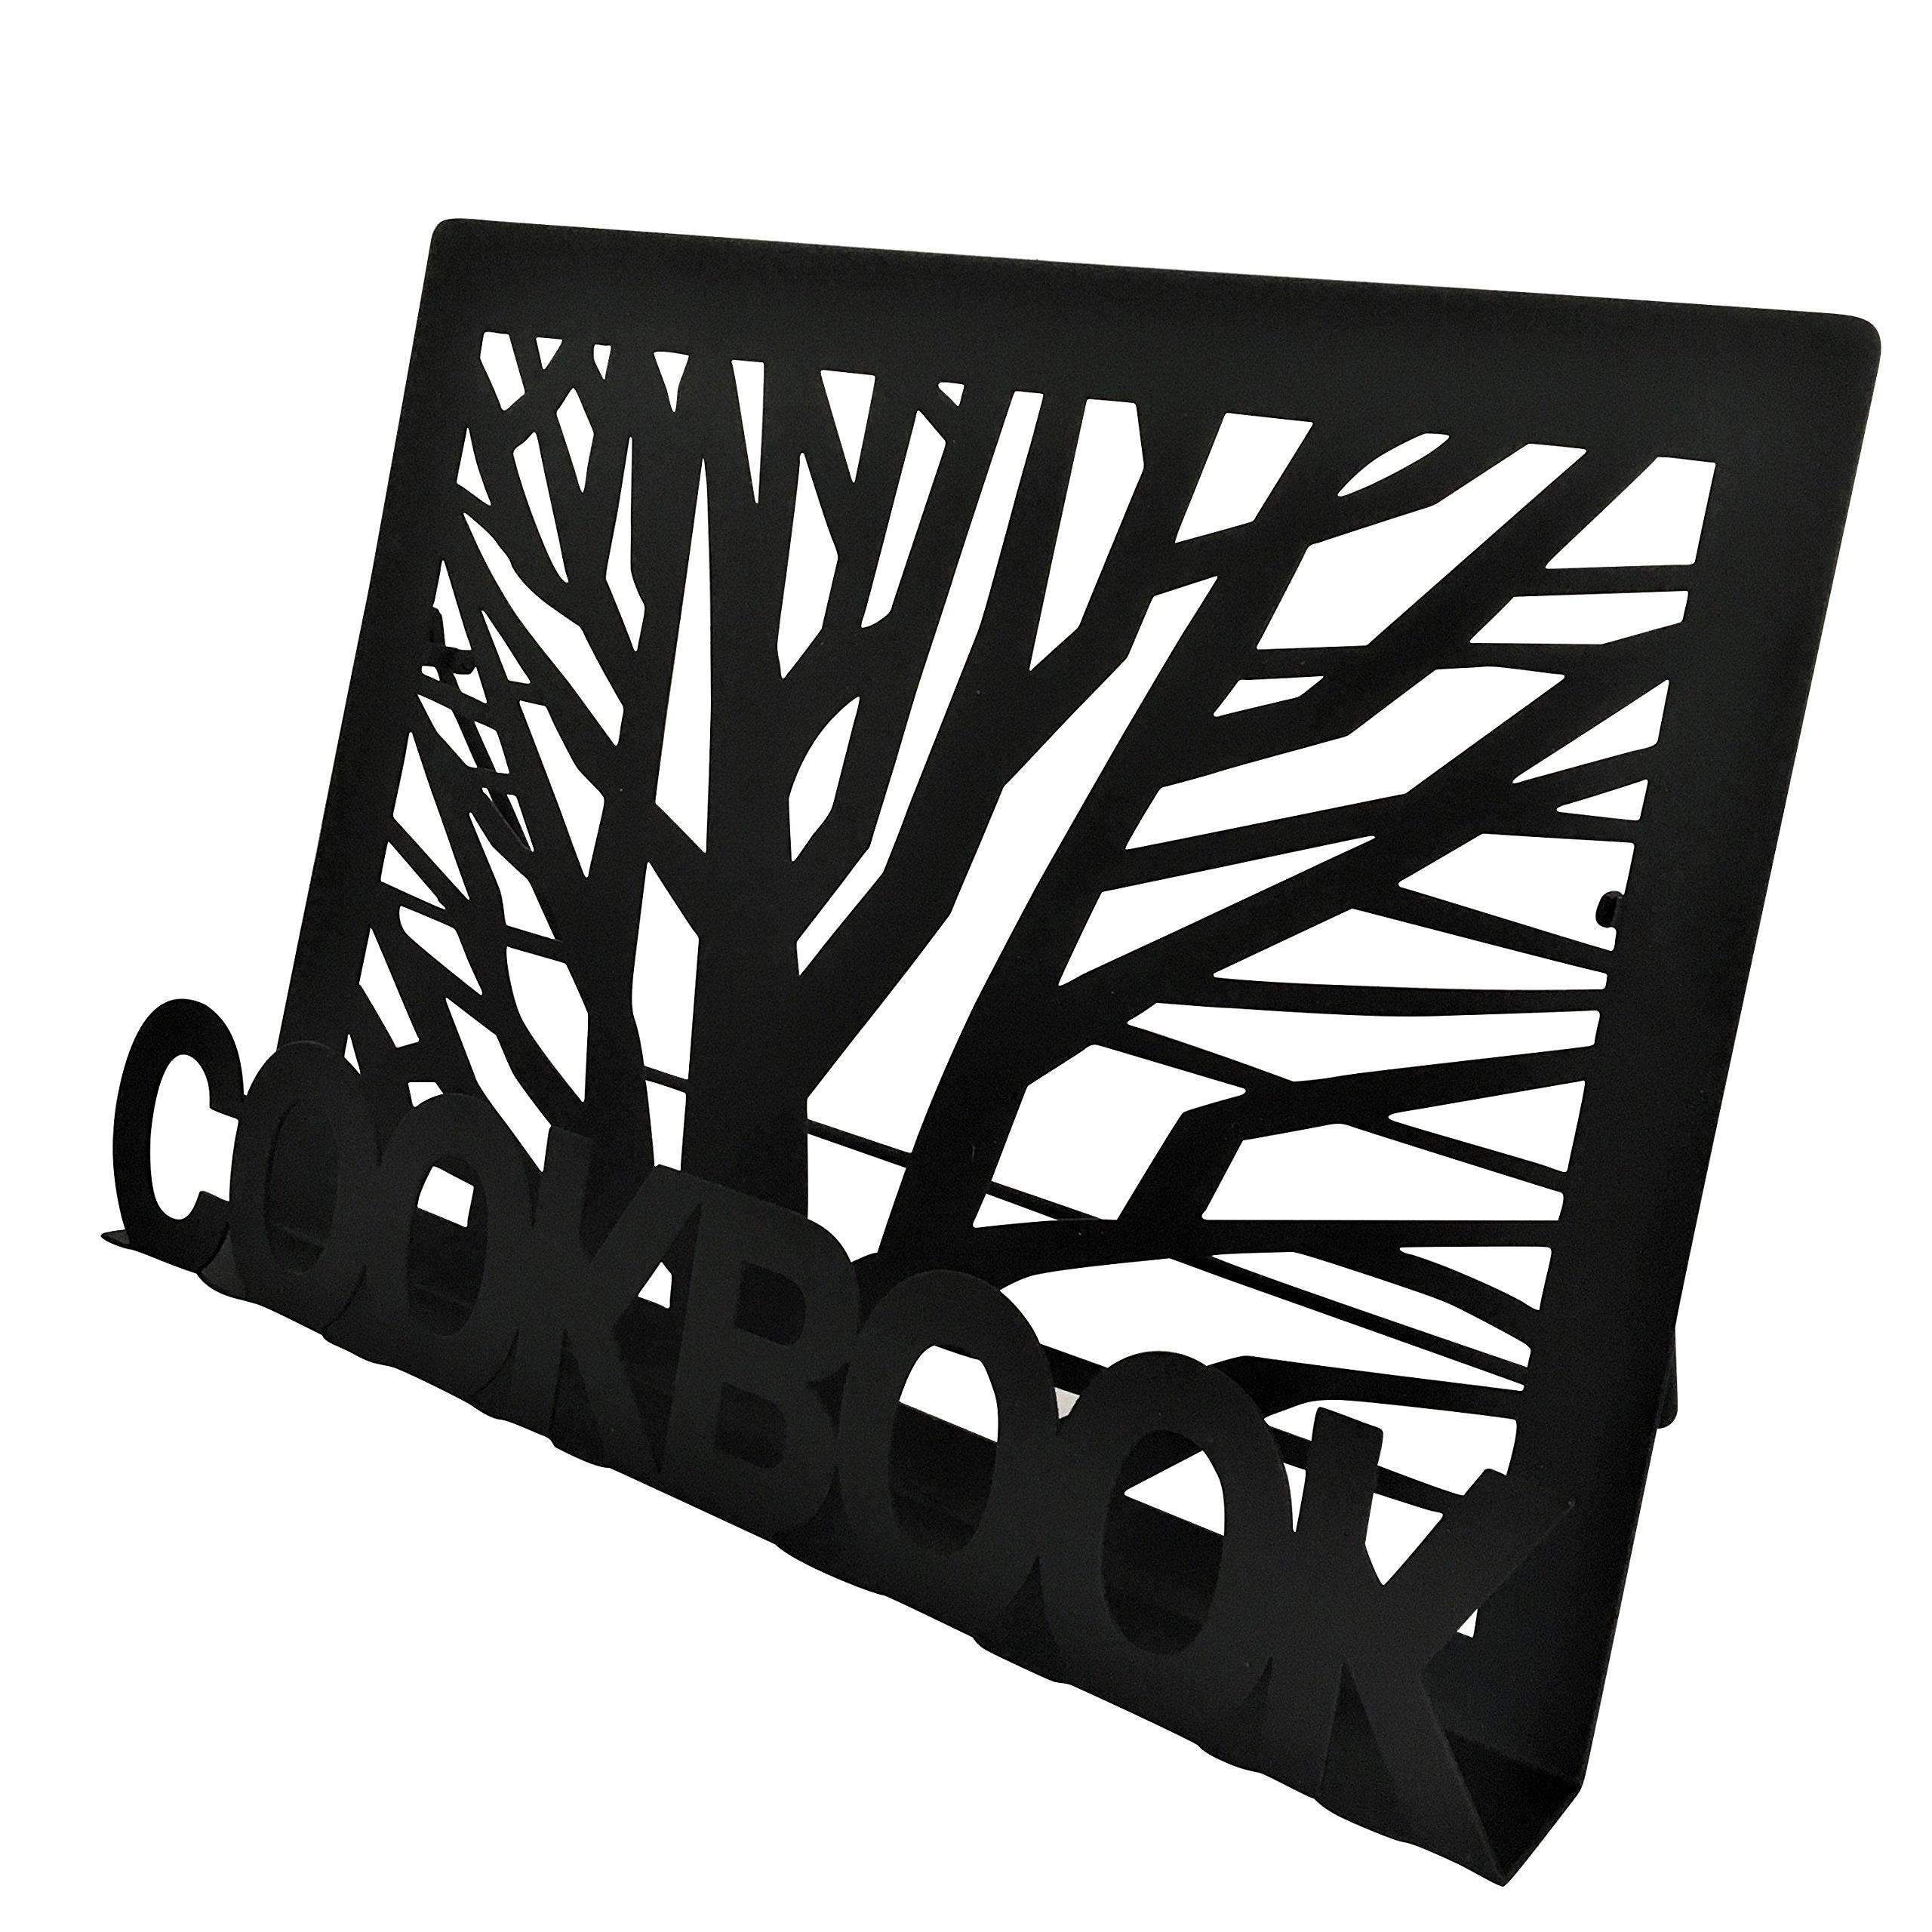 Cookbook Holder Recipe Book Stand - Black Metal - Tree design by Uniqq